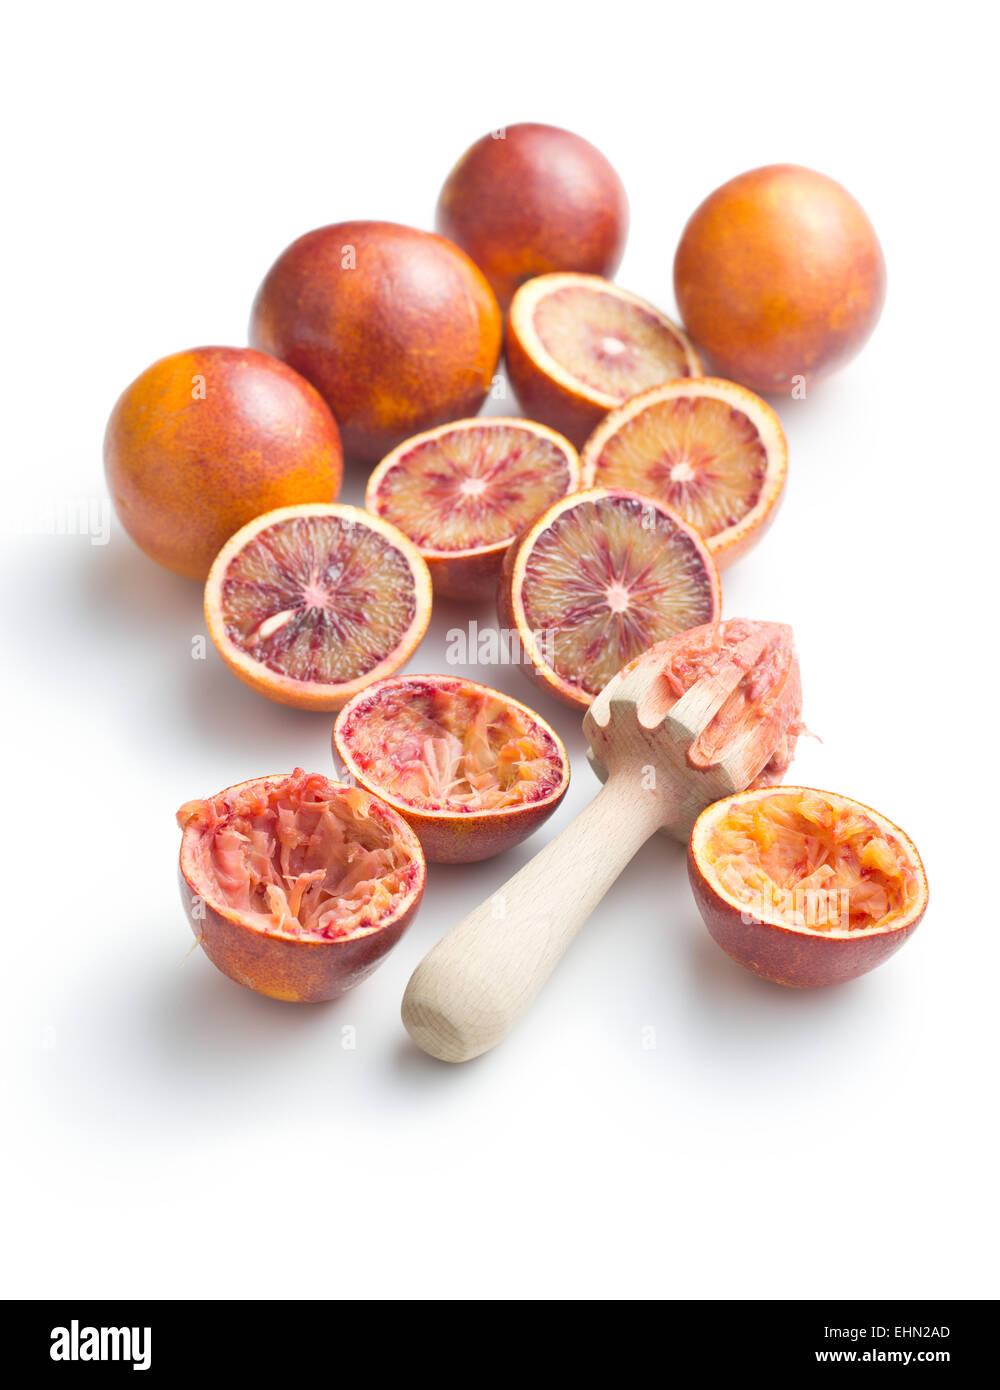 Moitié d'orange sanguine et un presse-agrumes sur fond blanc Photo Stock